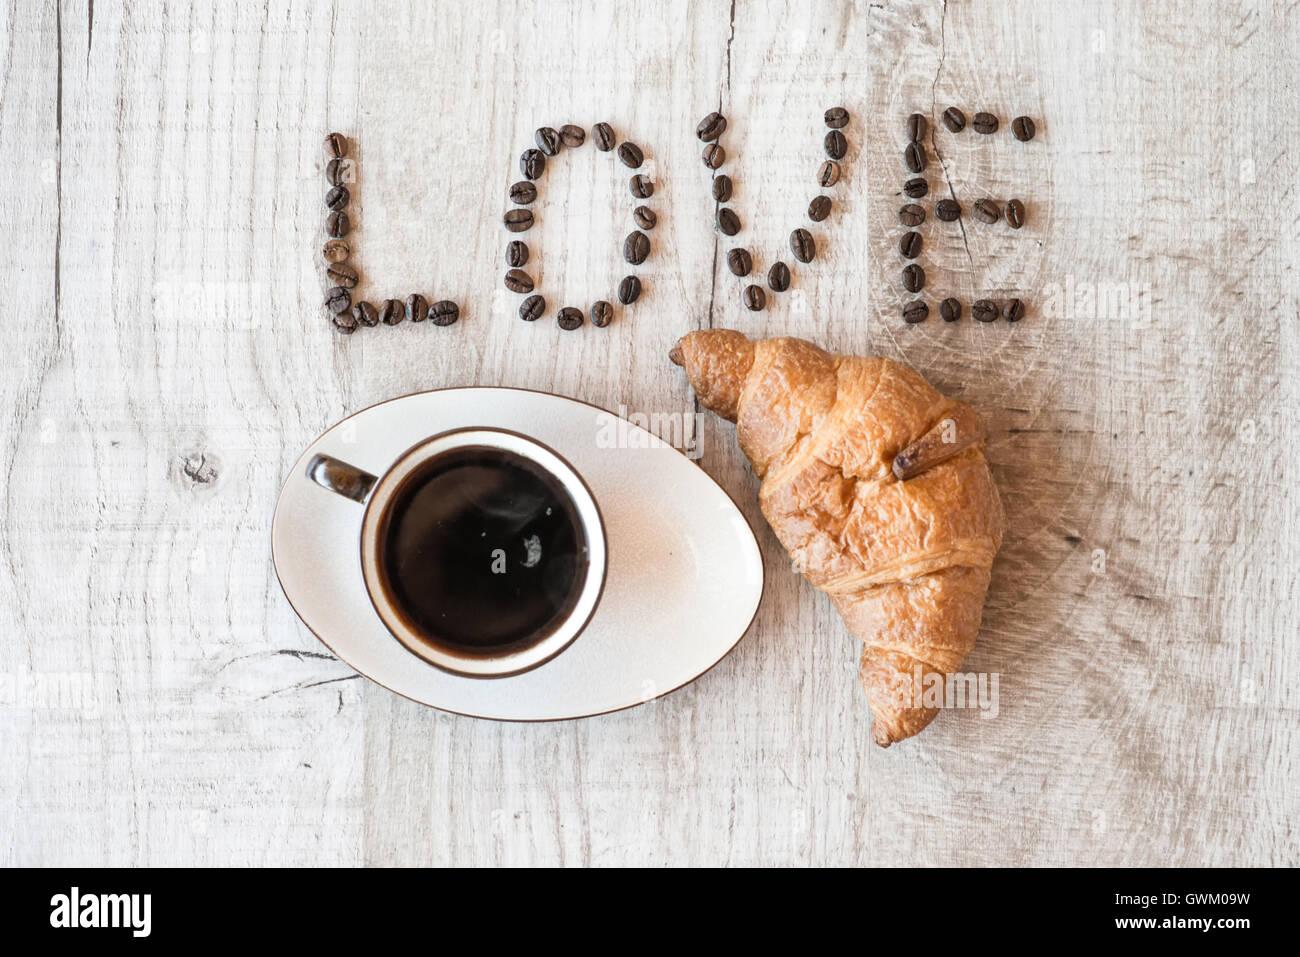 Tazza di caffè con croissant. titolo mi piace il caffè. Immagini Stock